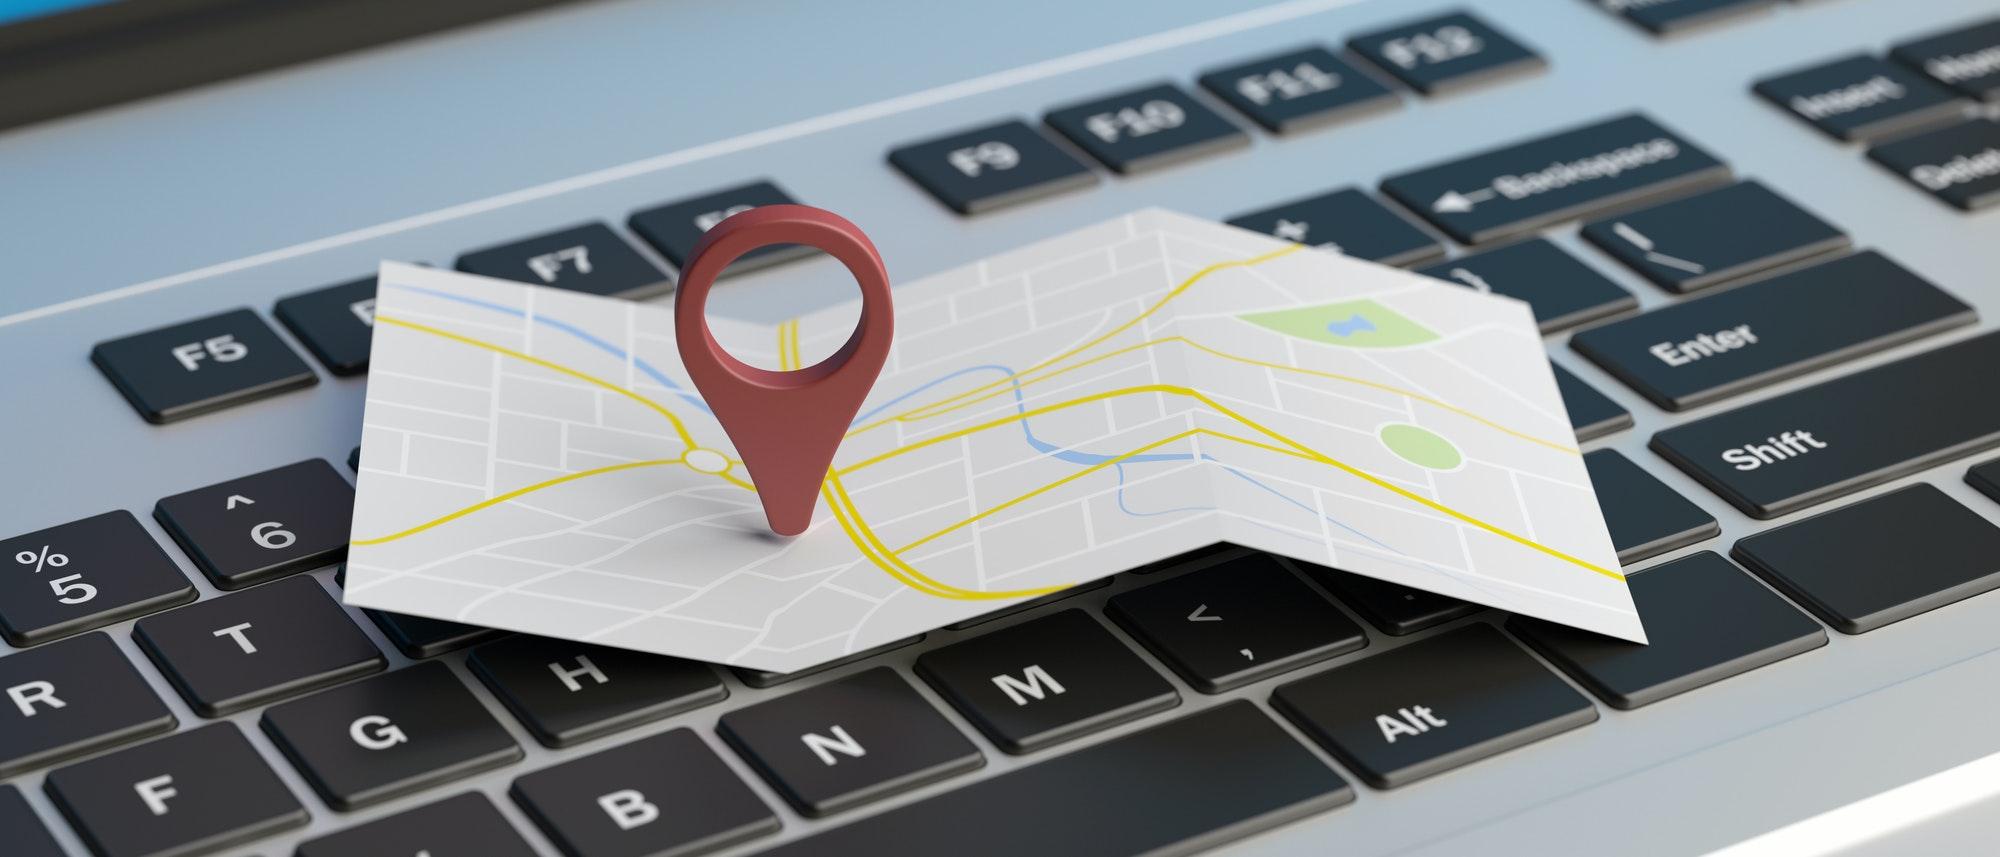 Hvem bor på adressen? Hvordan finder man ud af hvem der bor på en bestemt adresse? Inkl. adressebeskyttelse og navnebeskyttelse Få svar her!